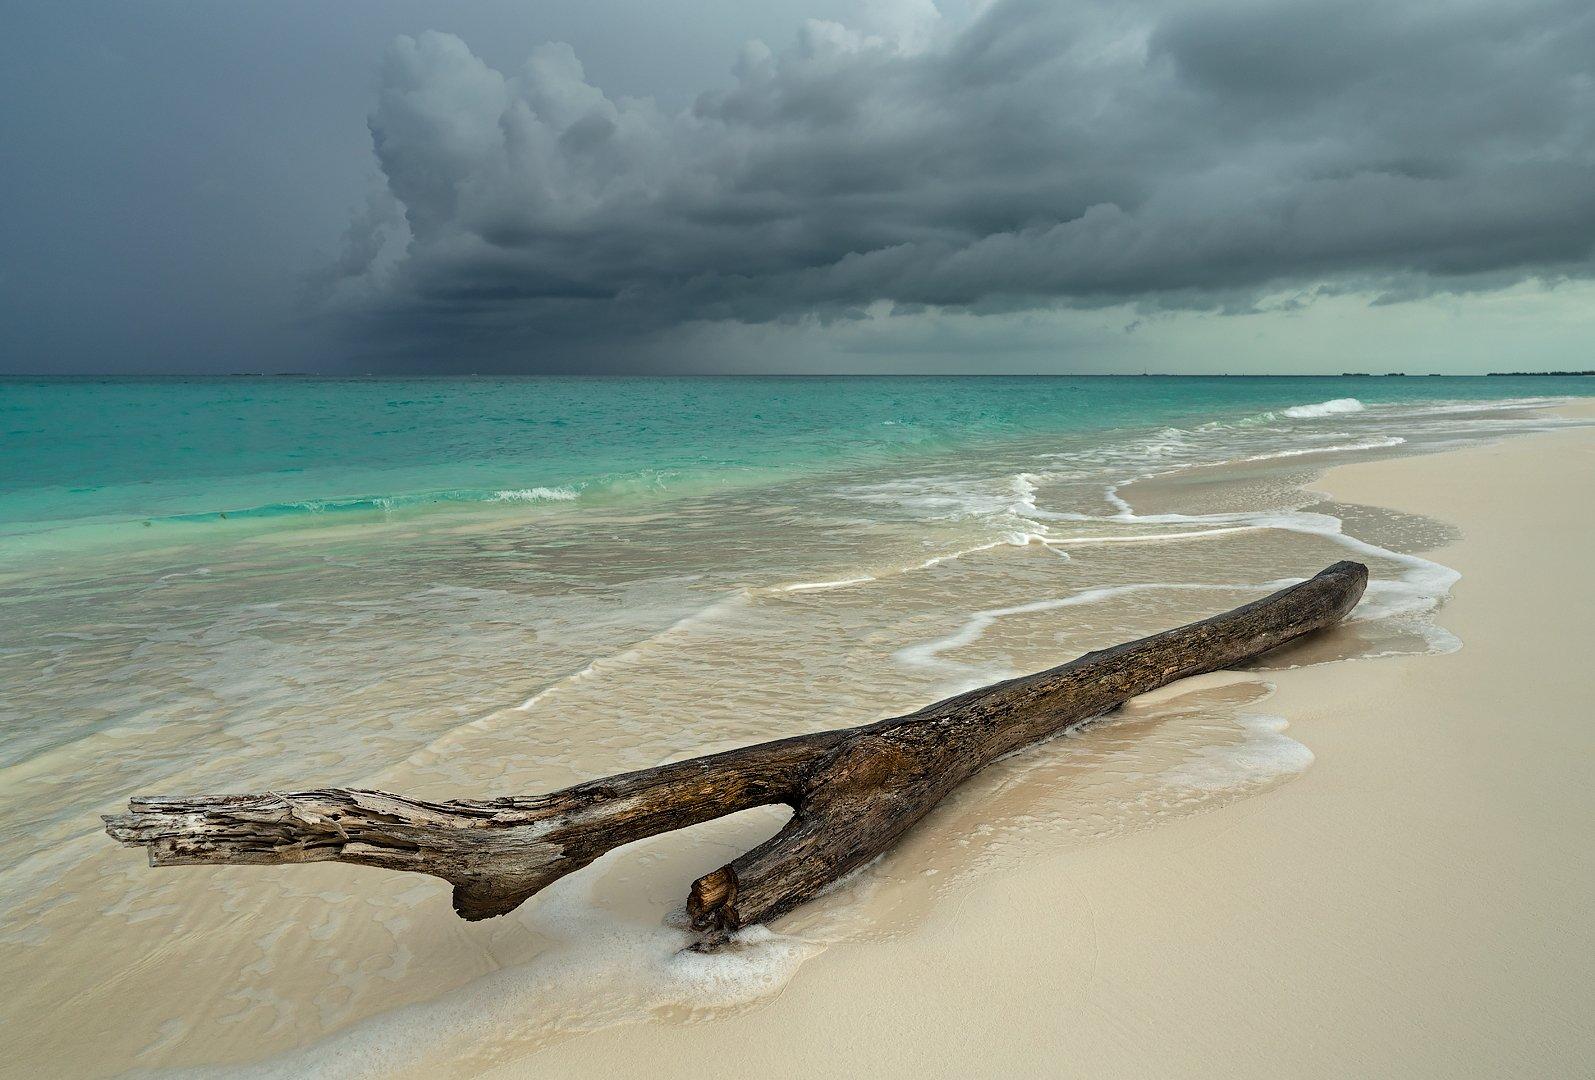 ocean, beach, clouds, storm, океан, пляж, облака, буря, G A S